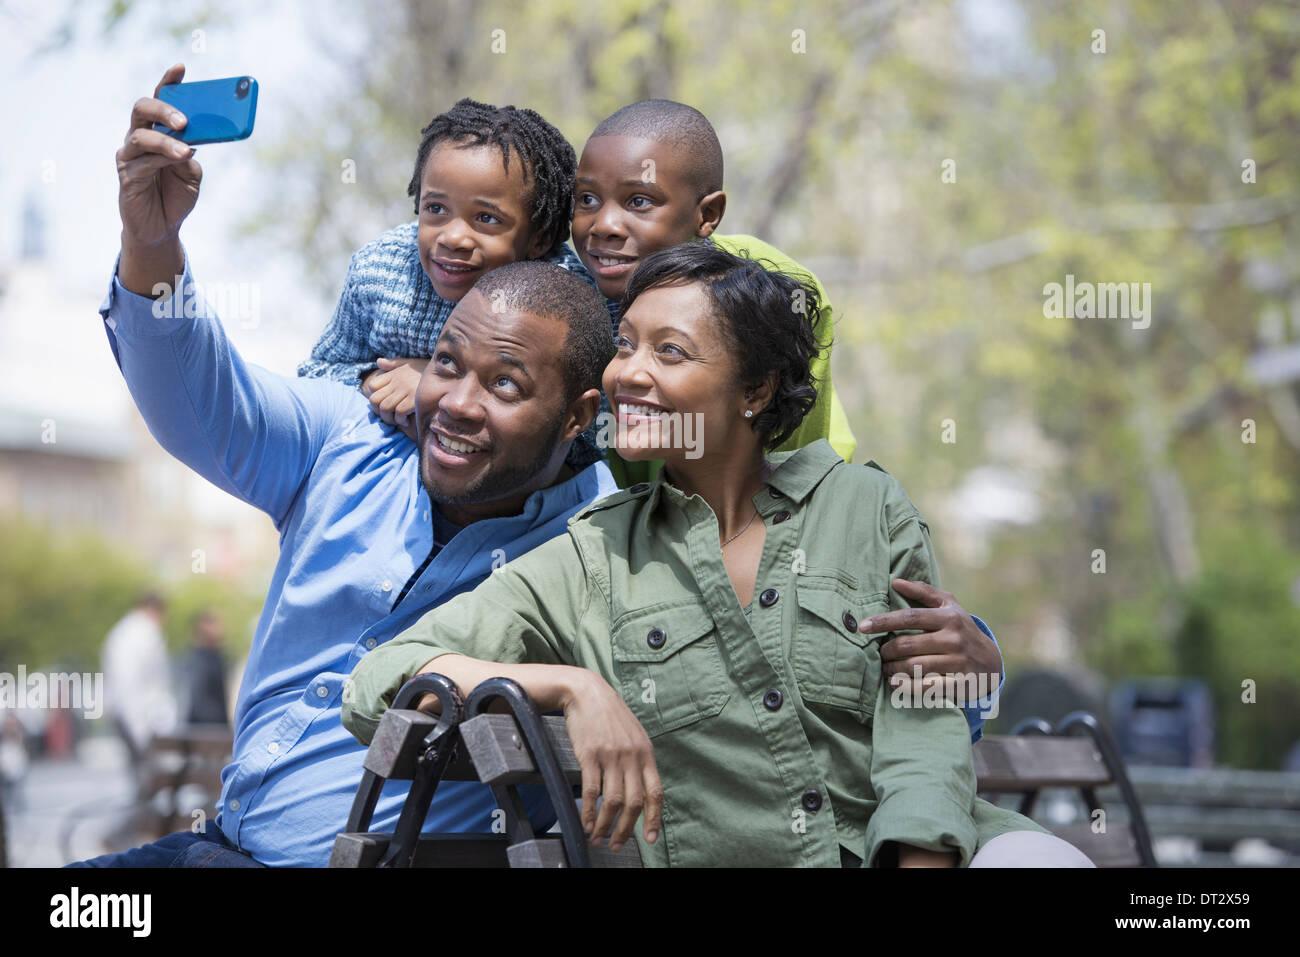 A padres y madres de familia y dos niños tomando una fotografía con un teléfono inteligente. Imagen De Stock